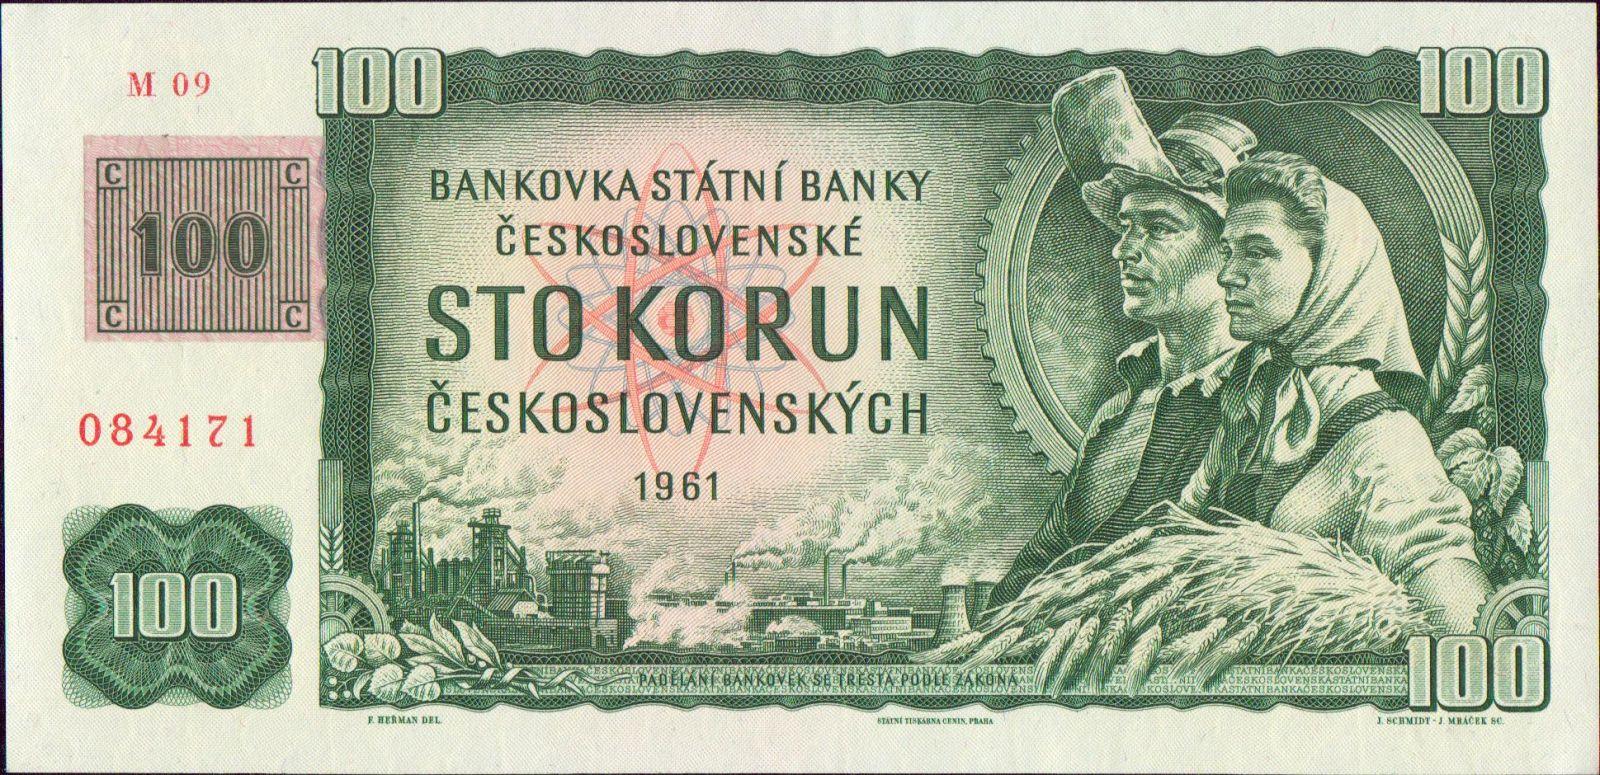 100Kč/1961-93, kolek ČR/, stav UNC, série M 09